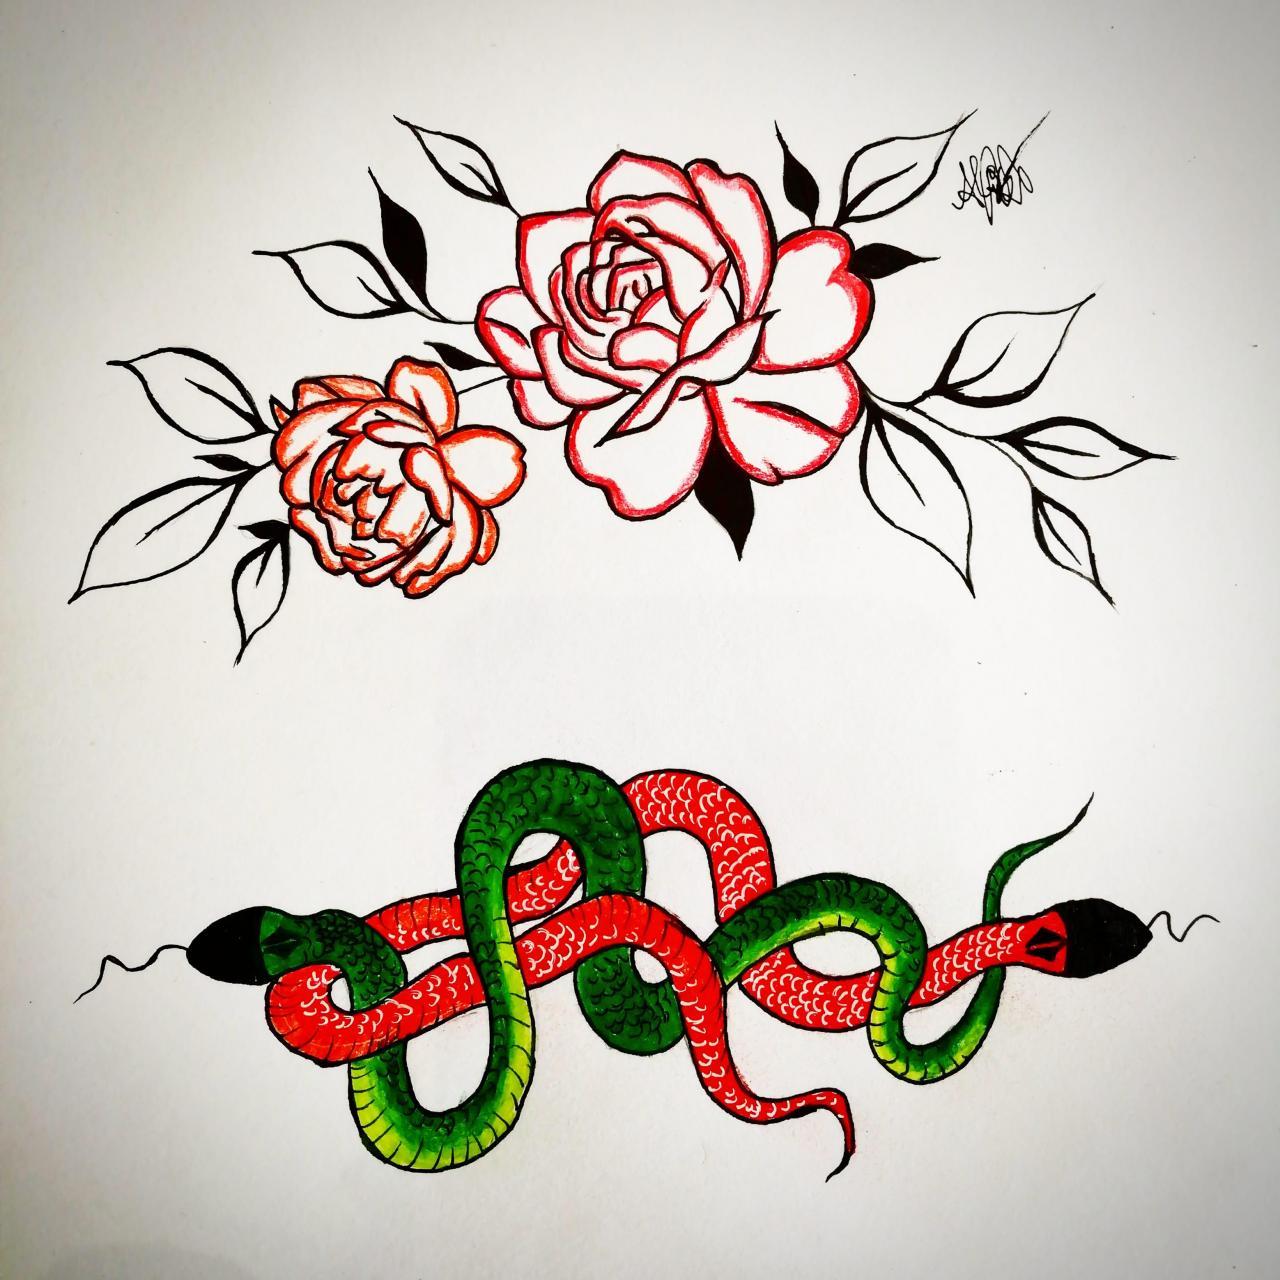 Rose & Snakes